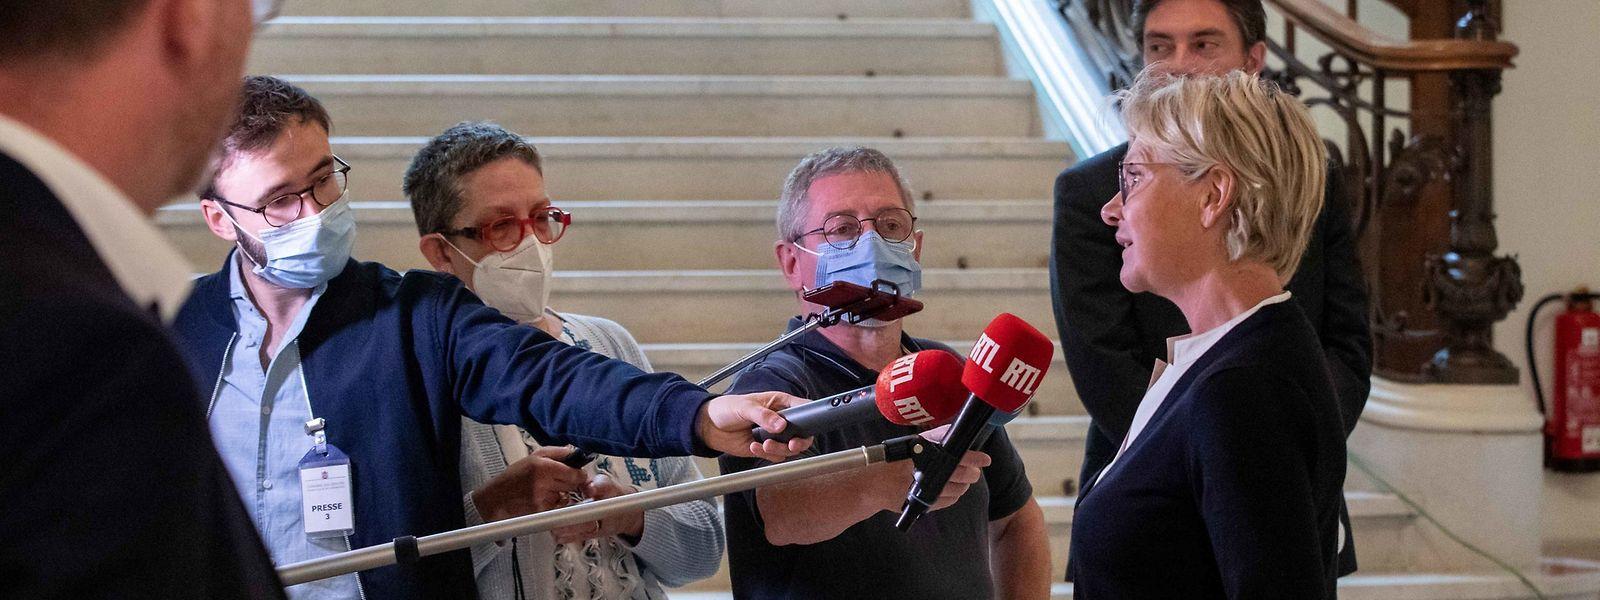 Die Opposition sieht sich durch den Waringo-Bericht in ihrer Einschätzung bestätigt. Die Alten- und Pflegeheime wurden im Regen stehen gelassen, sagt die Co-Fraktionschefin der CSV, Martine Hansen.